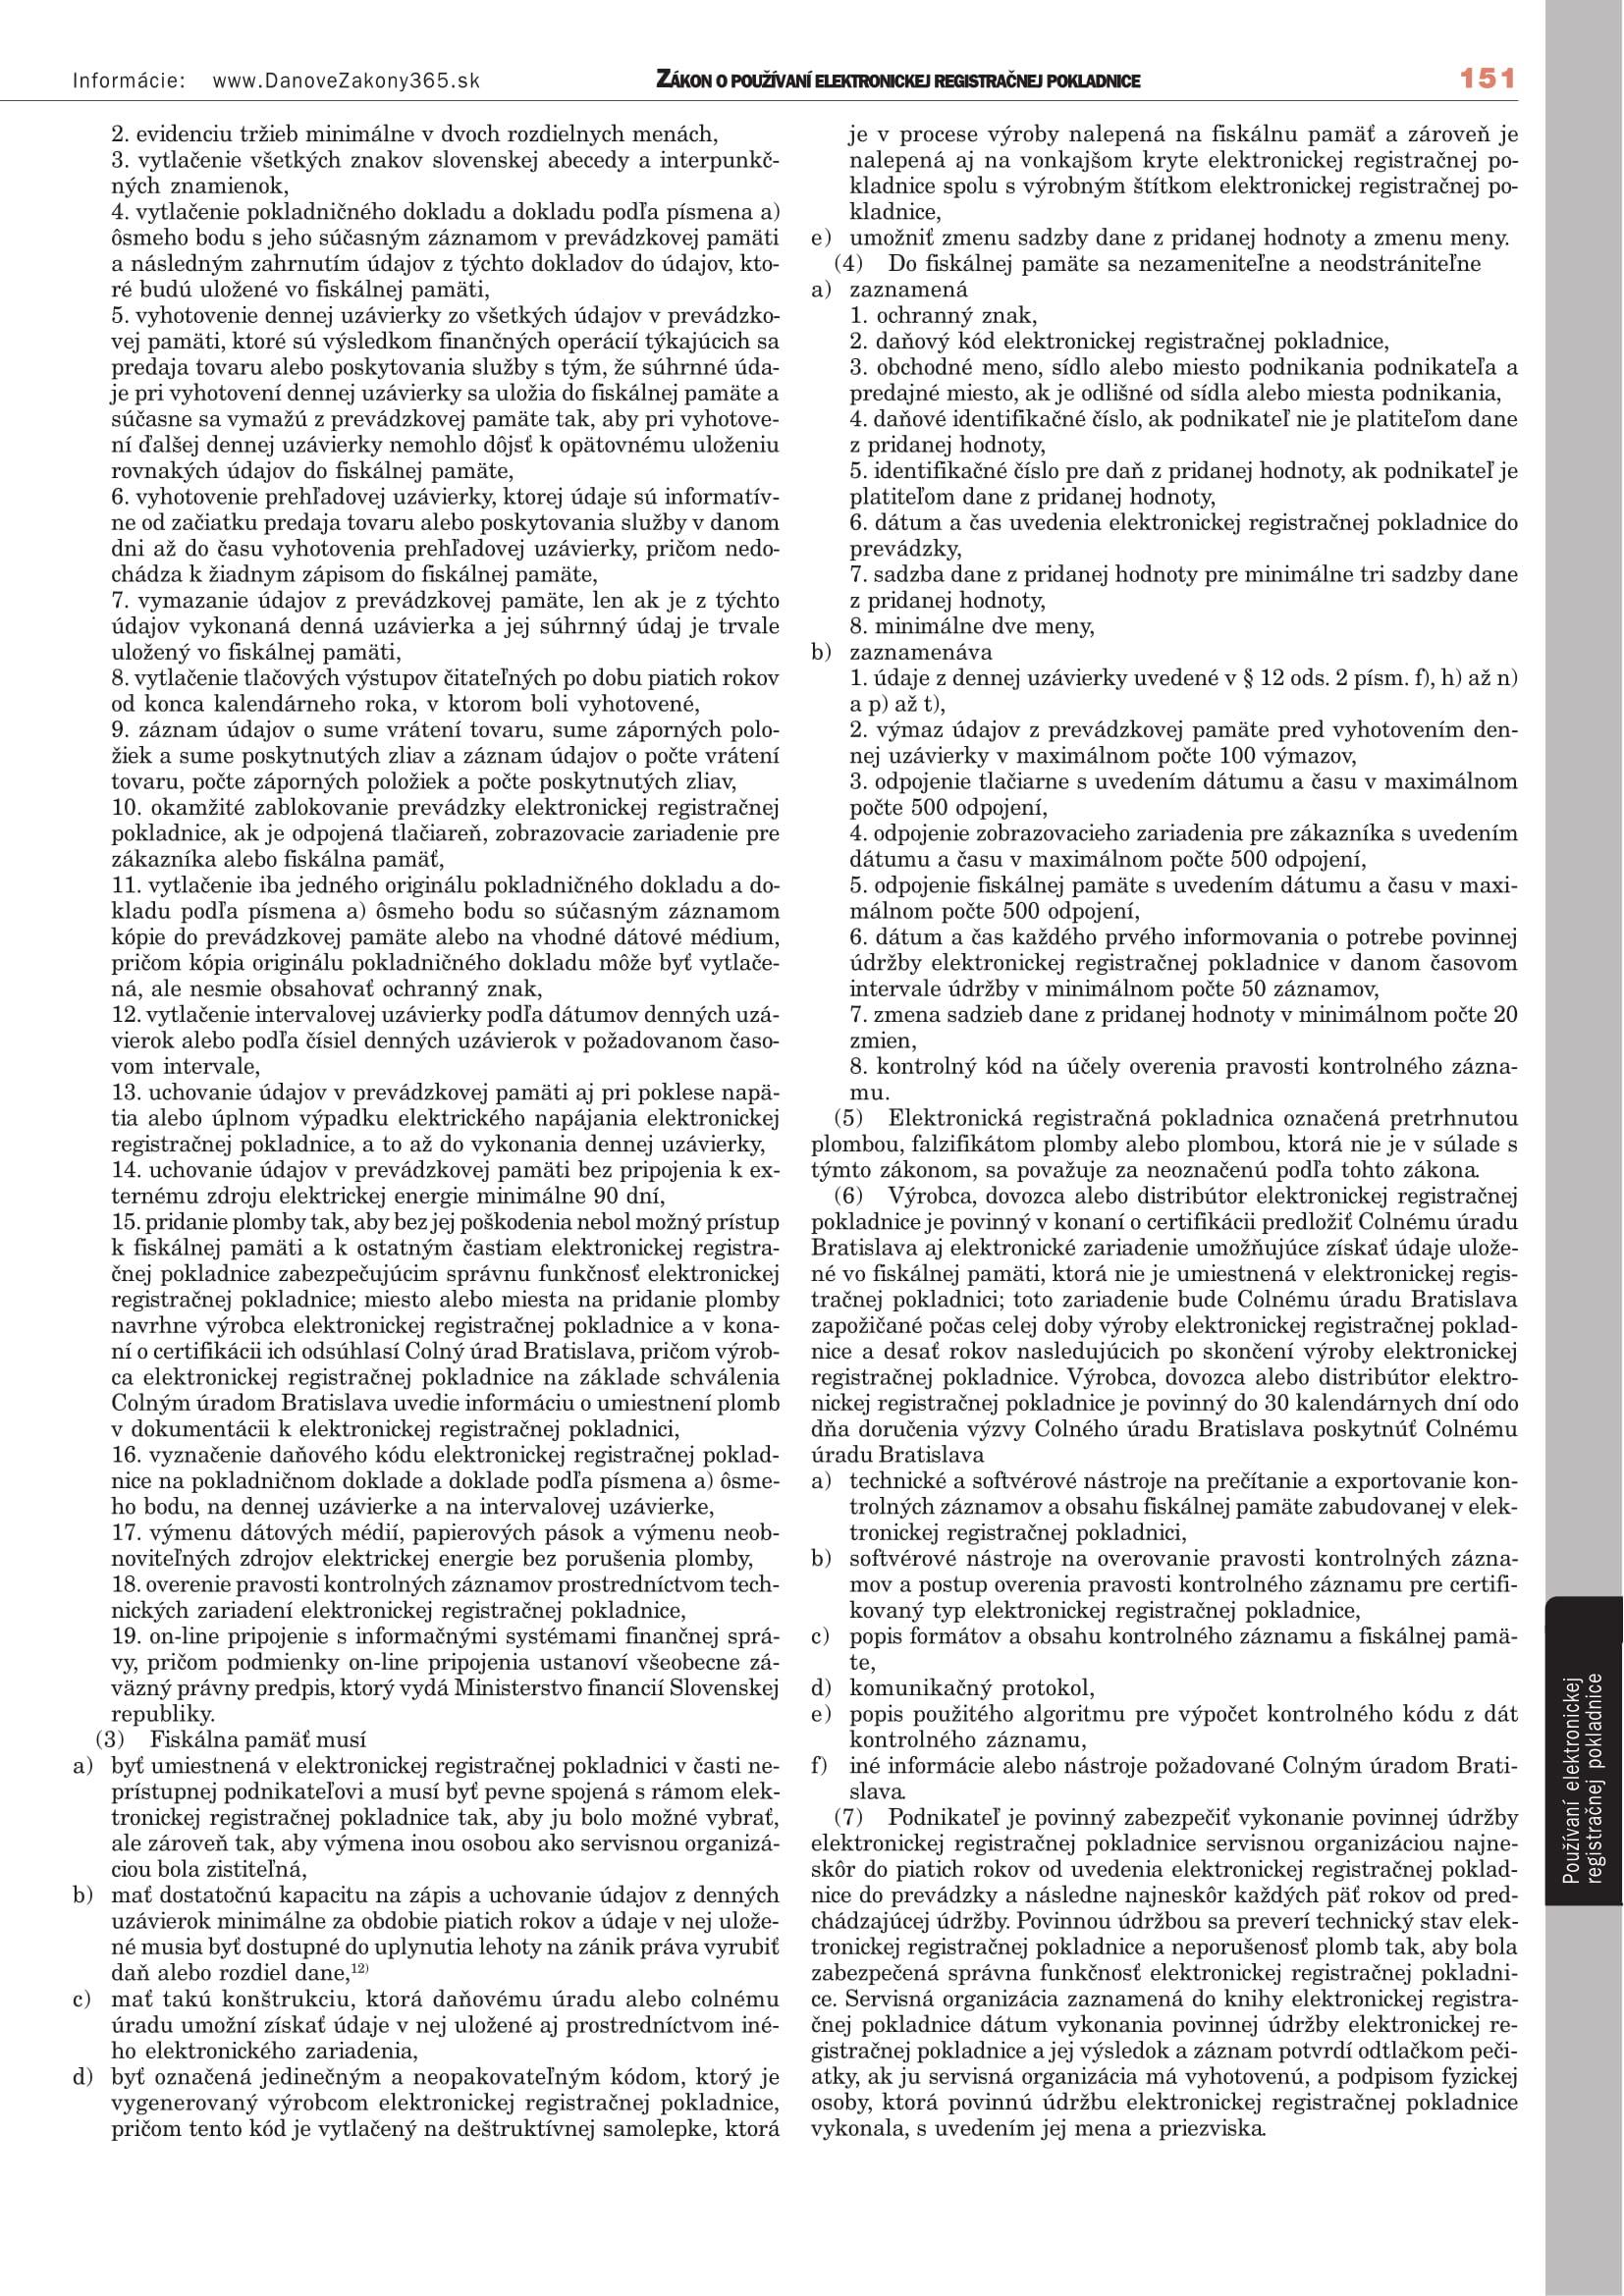 alto_zakon_o_registracnych_pokladniach_2019_po_jednej_stranane-06